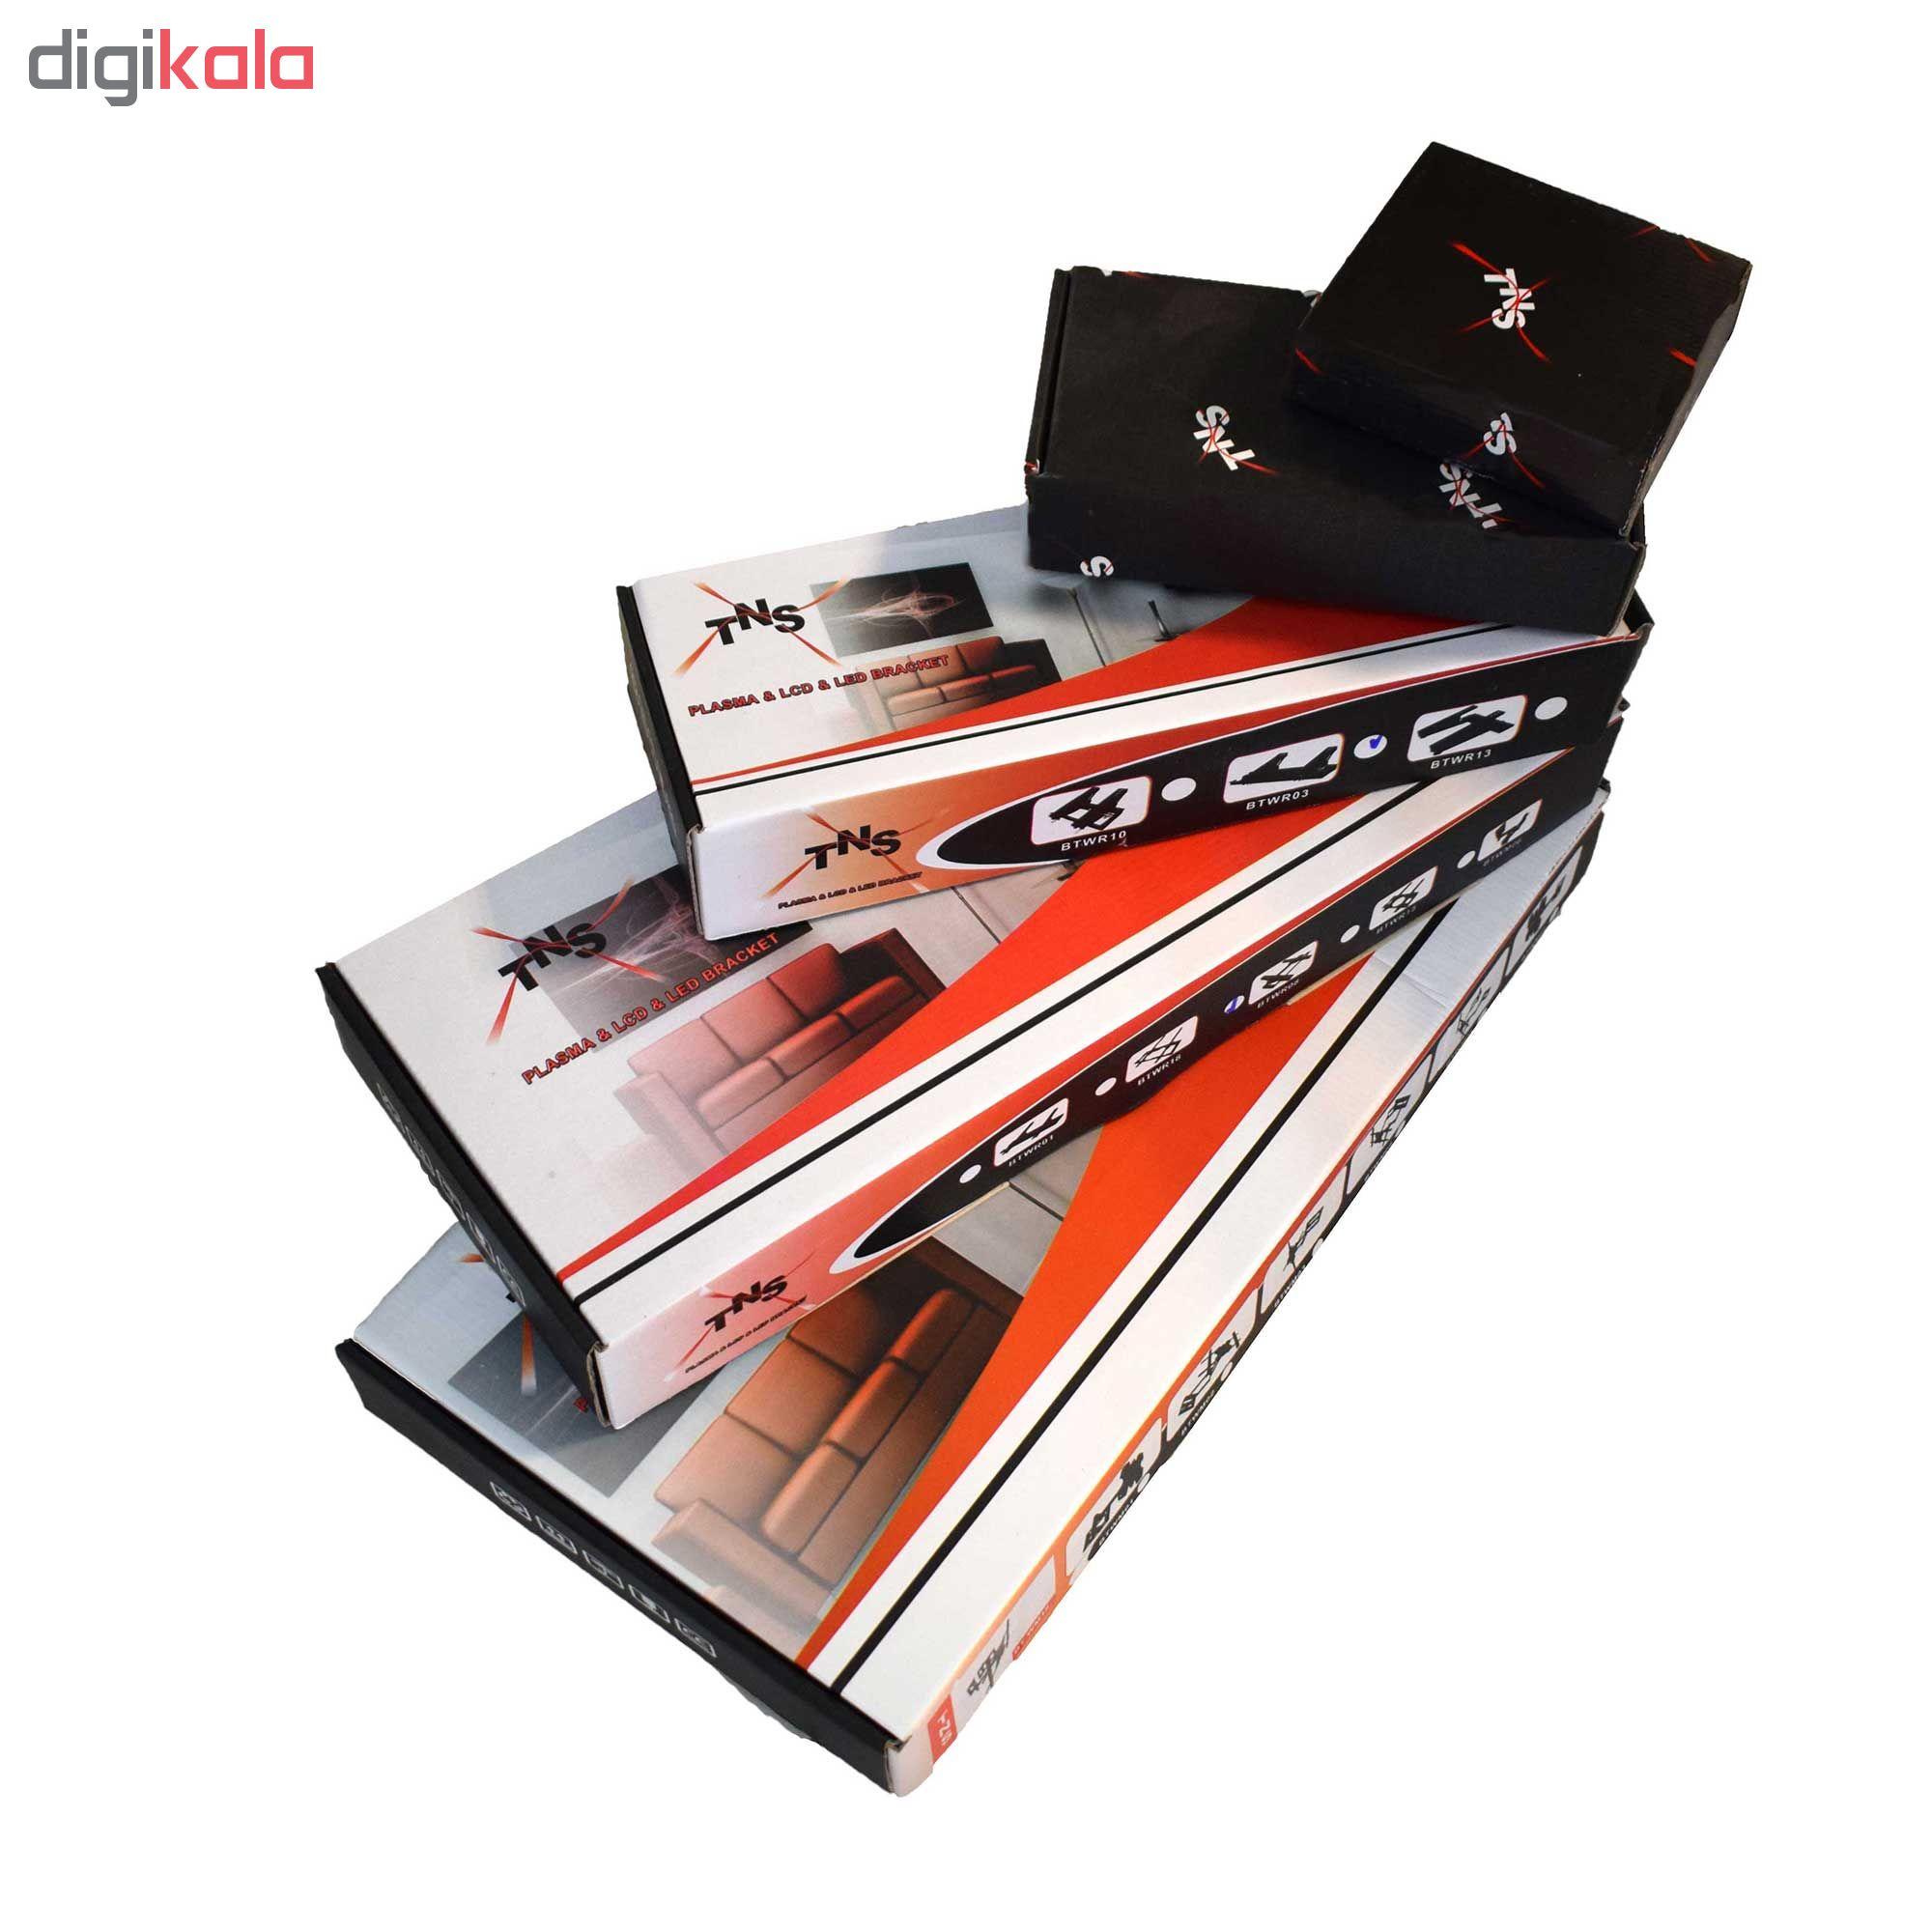 میز دیواری تی ان اس مدل TT WF 09 مناسب برای دستگاه های چند رسانه ای و گیرنده دیجیتال